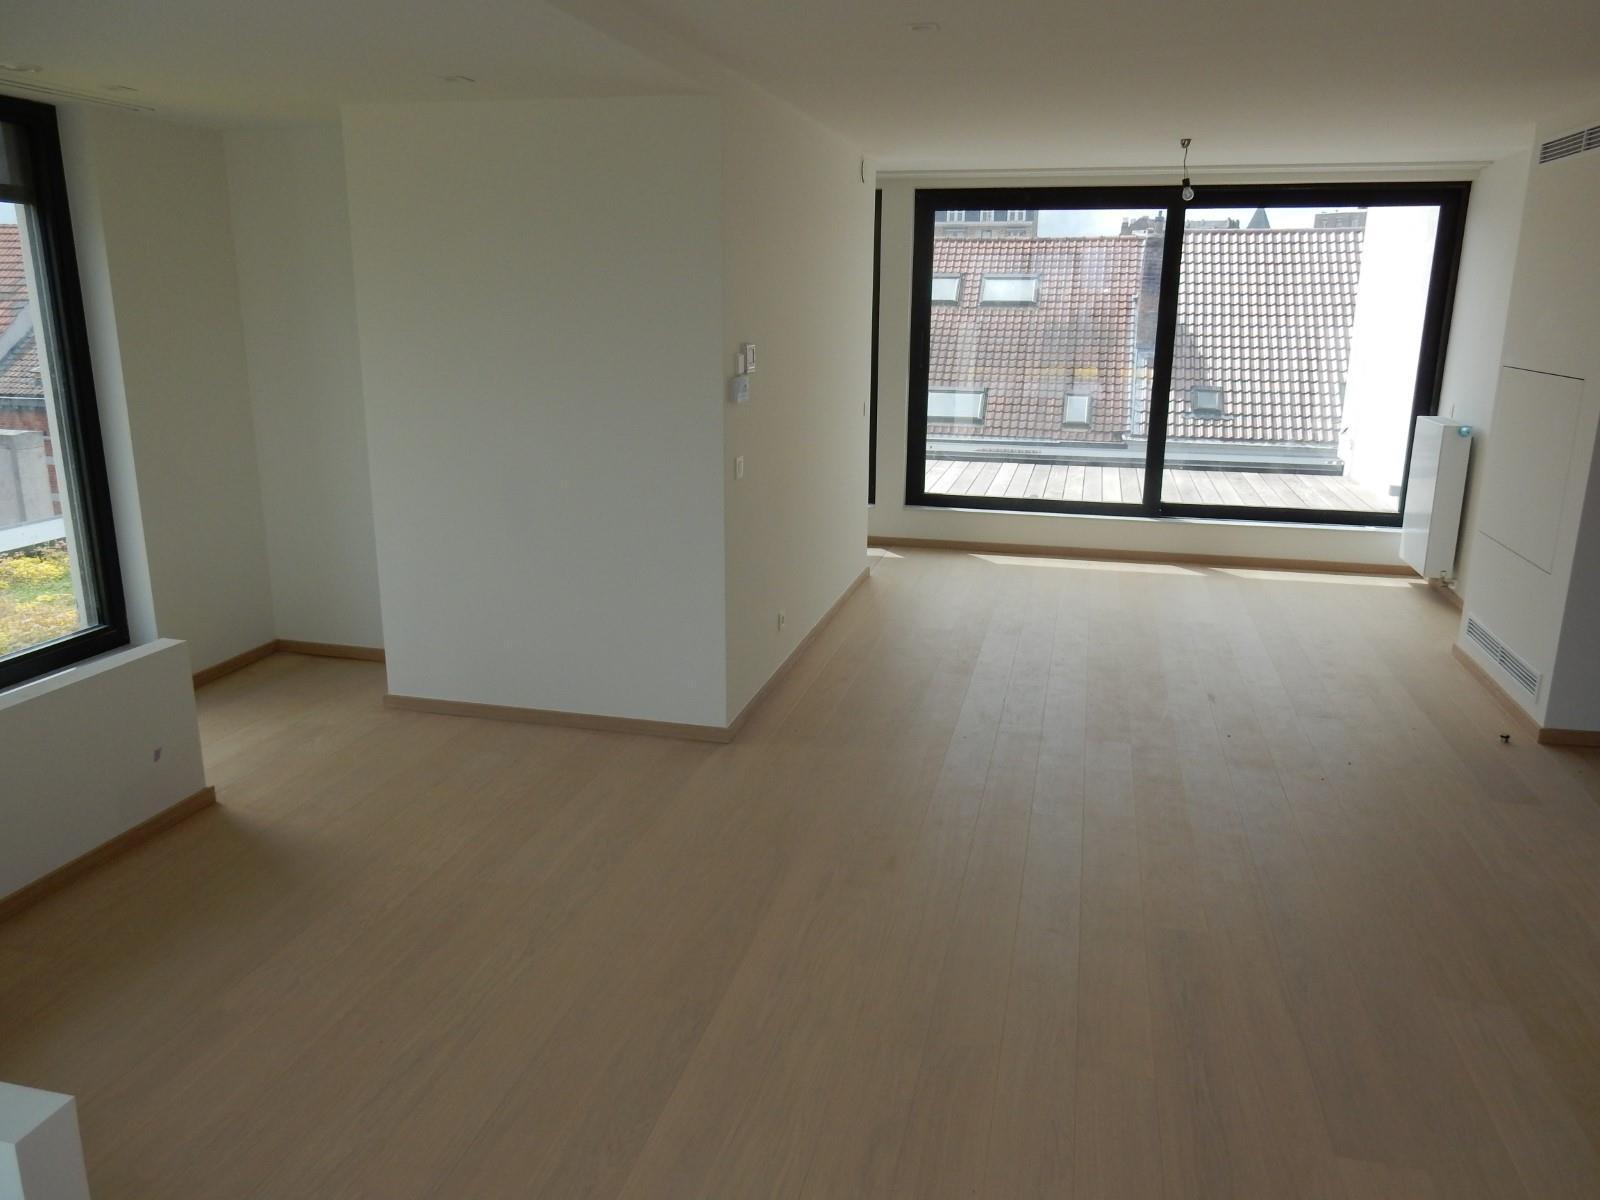 Appartement exceptionnel - Ixelles - #3791385-5